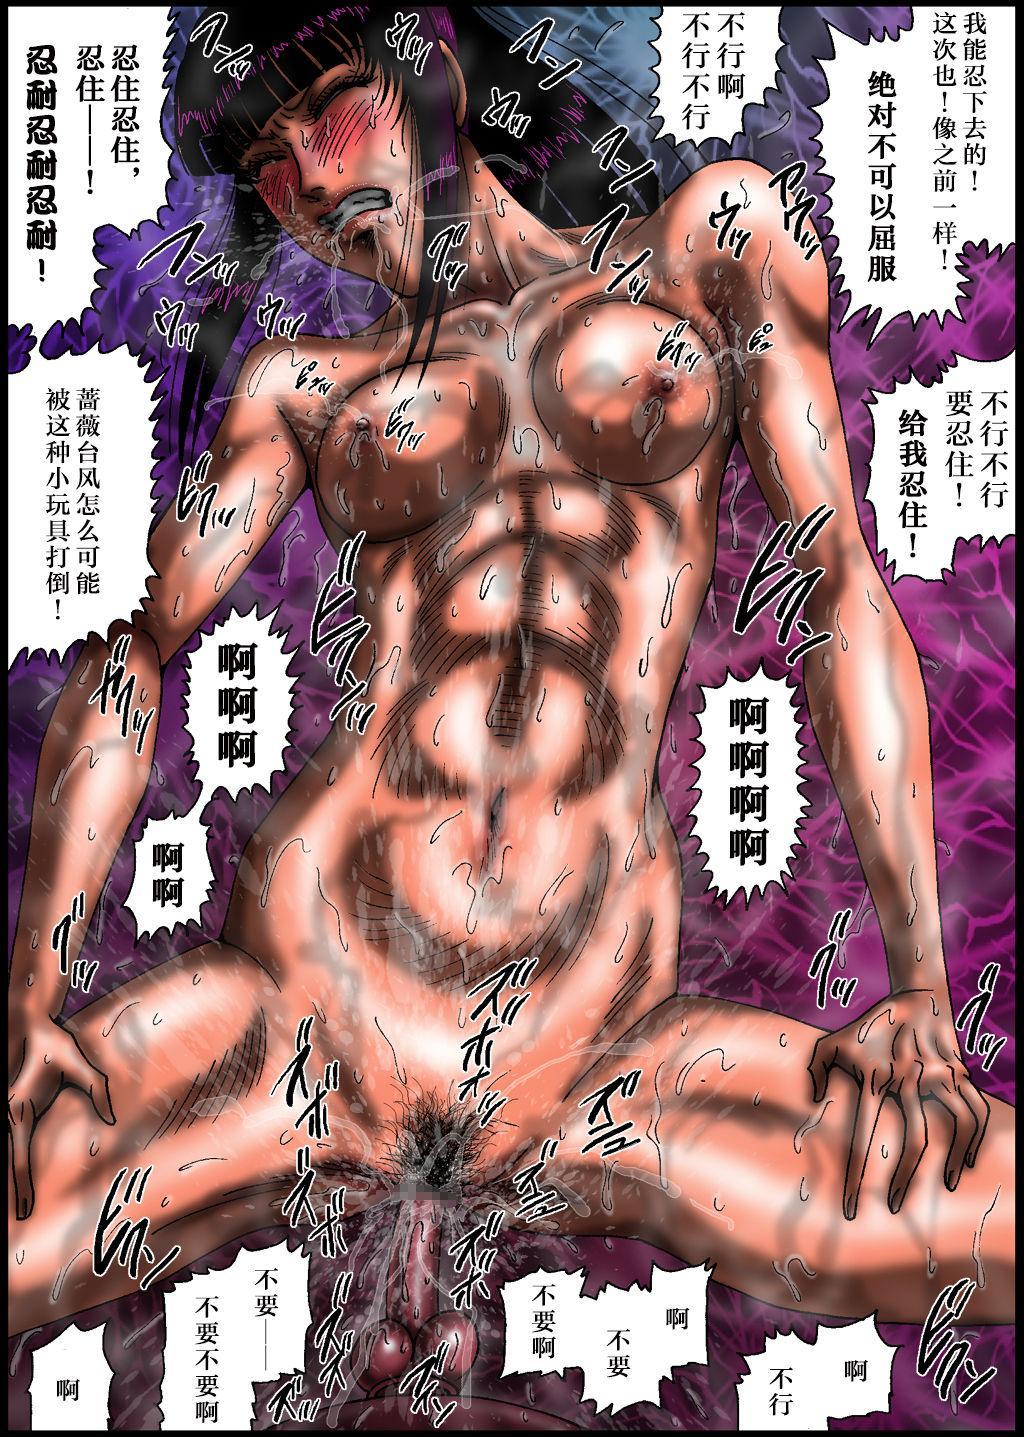 [Nightmare Express -Akumu no Takuhaibin-] Yokubou Kaiki Dai 445 Shou Hentai Nyotai Acme Ryoujoku Sanban Shoubu!? Ikaseya vs Joshi Puroresu YUKI -[Chinese]【不可视汉化】 20